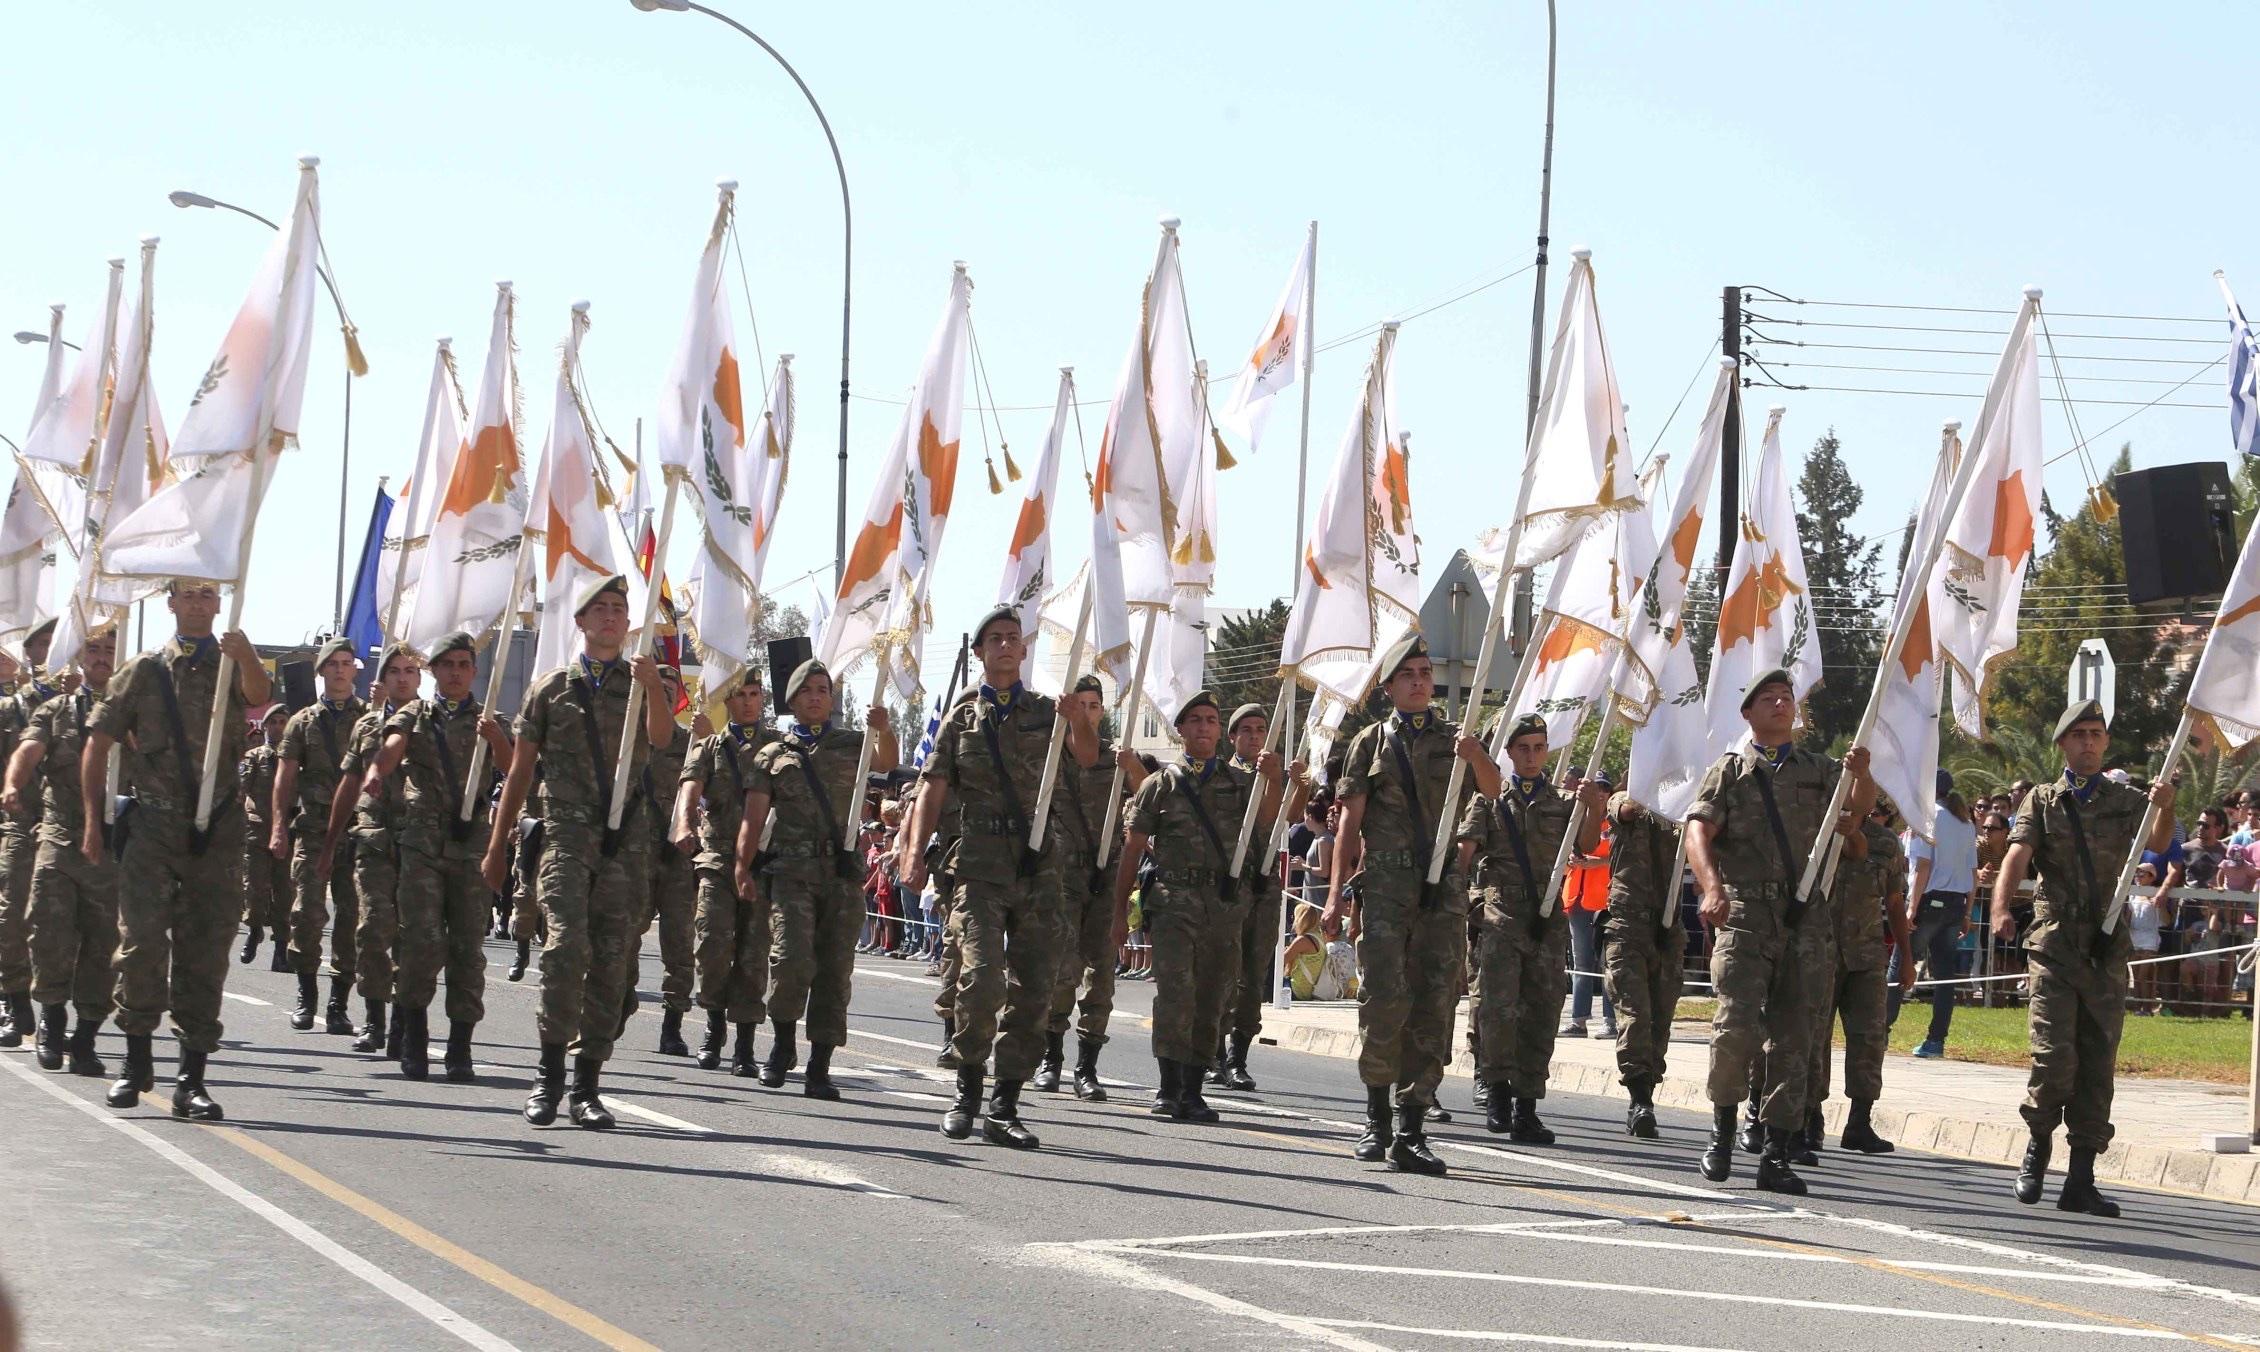 Την ημέρα της Κυπριακής Ανεξαρτησίας. Από την Πάφο μέχρι τον Απόστολο Ανδρέα πρέπει να πετούν τα Ελληνικά και Βρετανικά αεροπλάνα